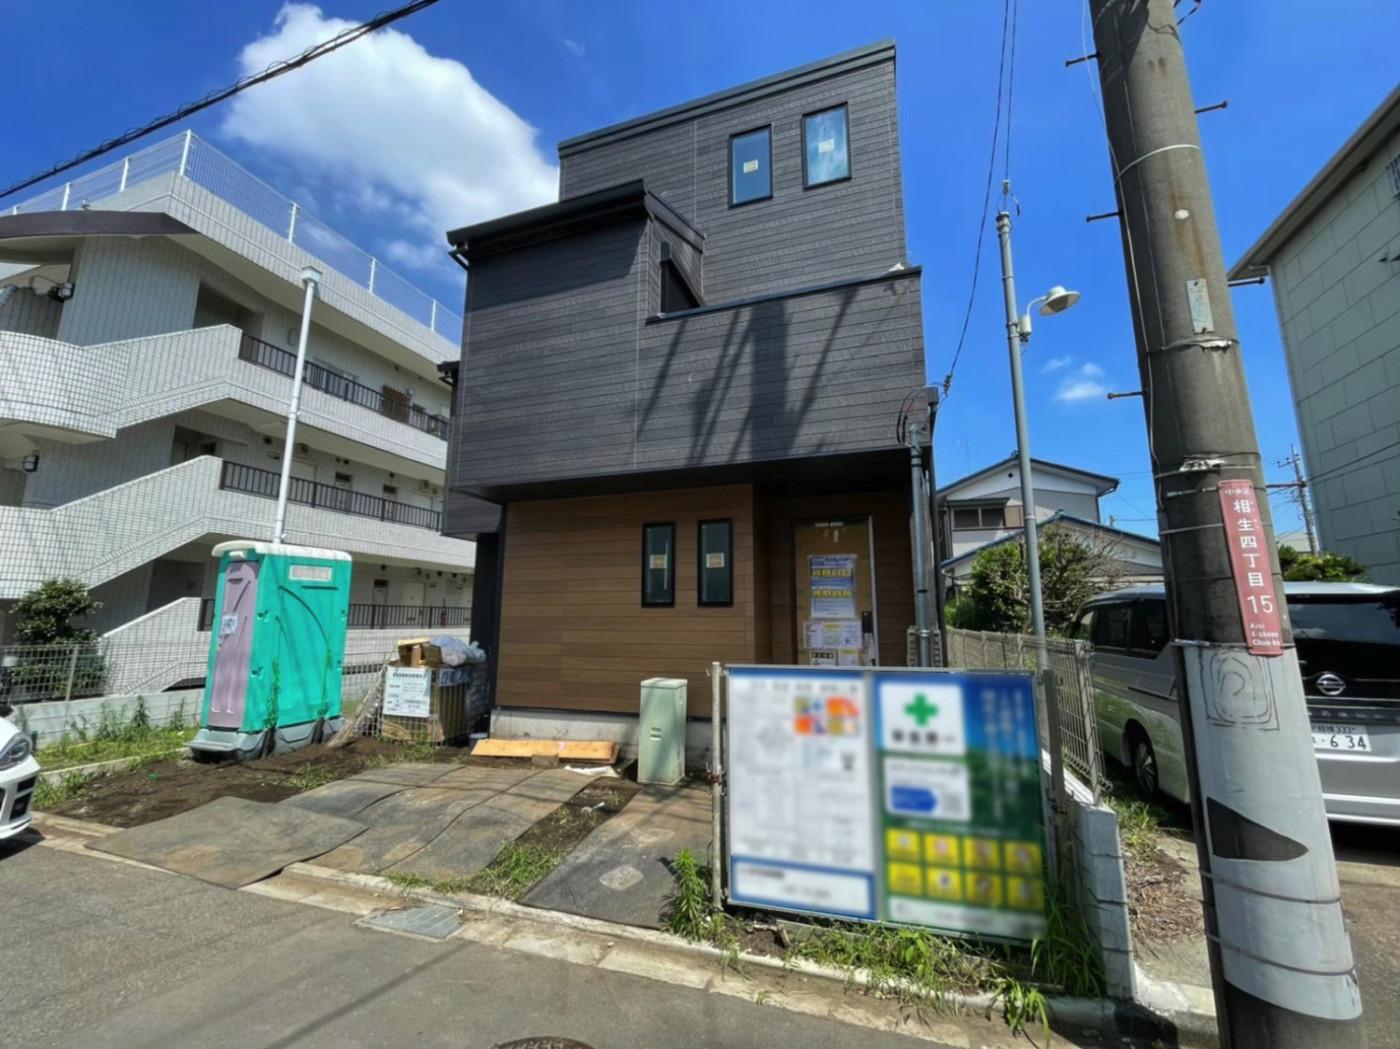 神奈川県 株式会社 琴美建設 グランドアートウォール施工イメージ3494_07